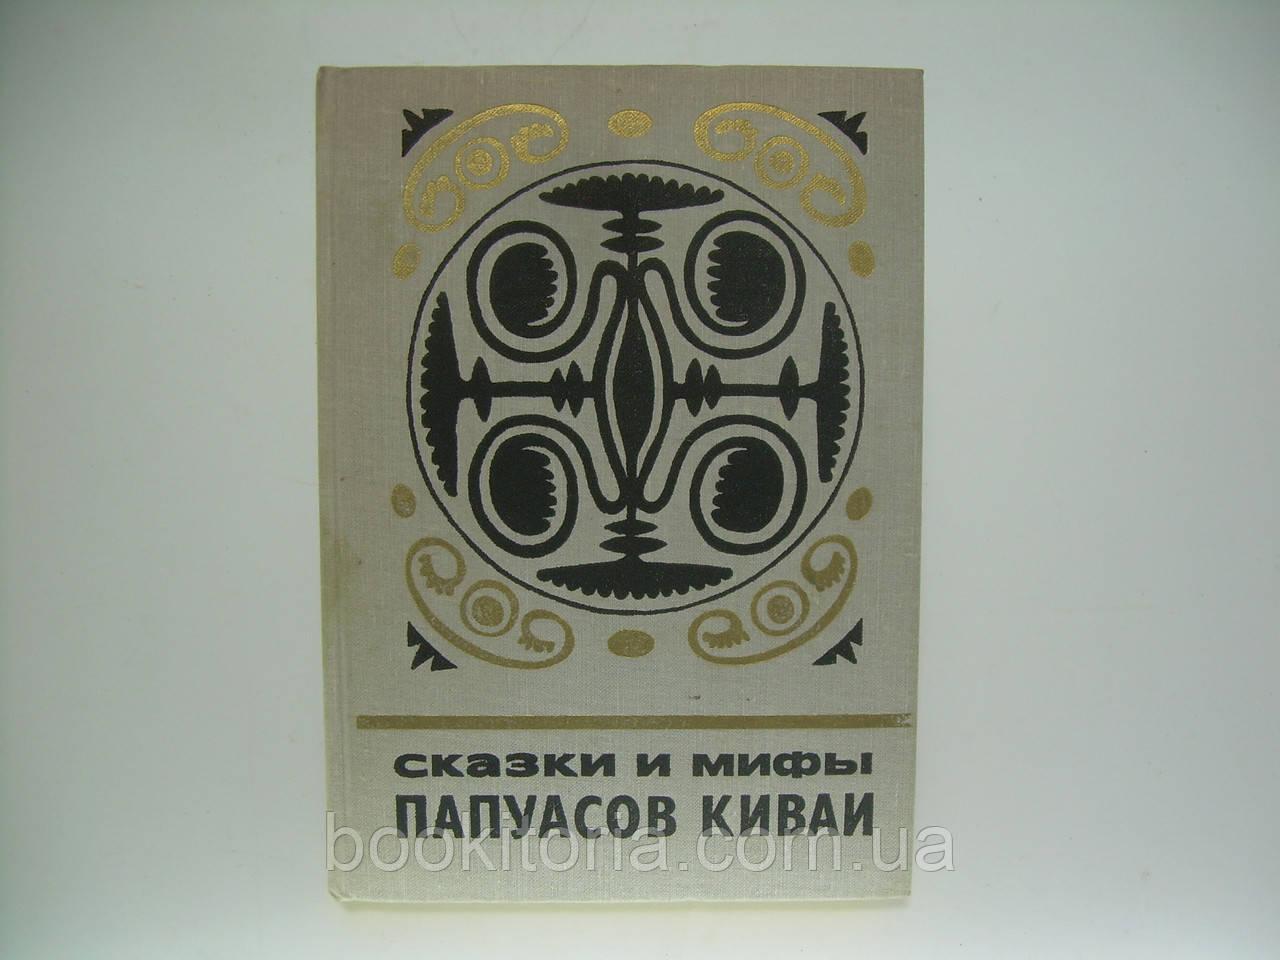 Сказки и мифы папуасов киваи (б/у).